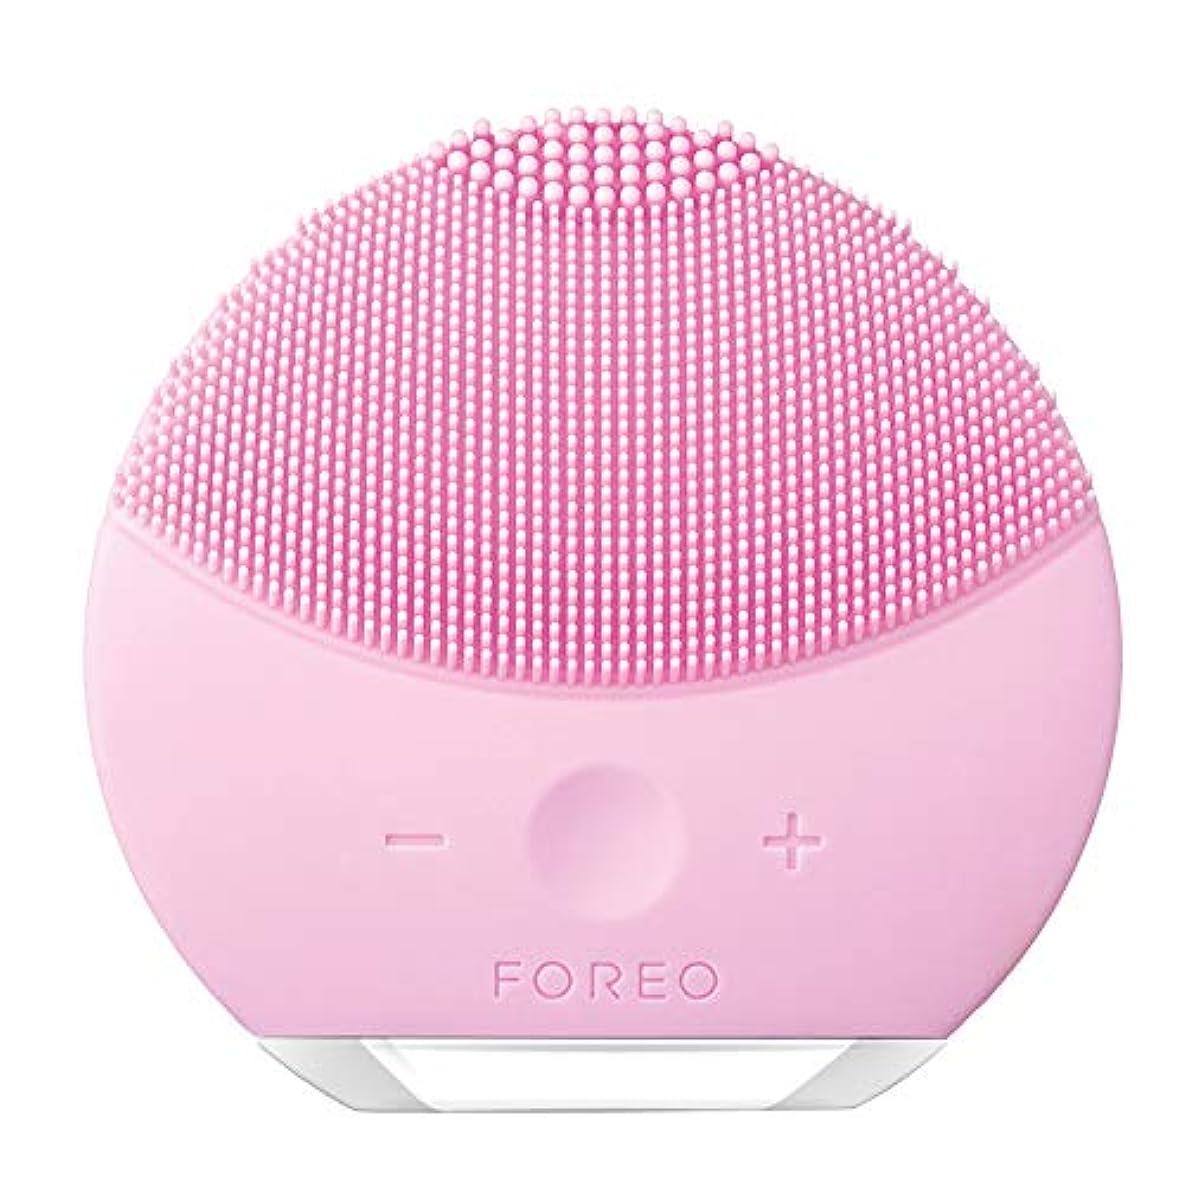 奇妙な横向き信頼性のあるFOREO LUNA mini 2 パールピンク 電動洗顔ブラシ シリコーン製 音波振動